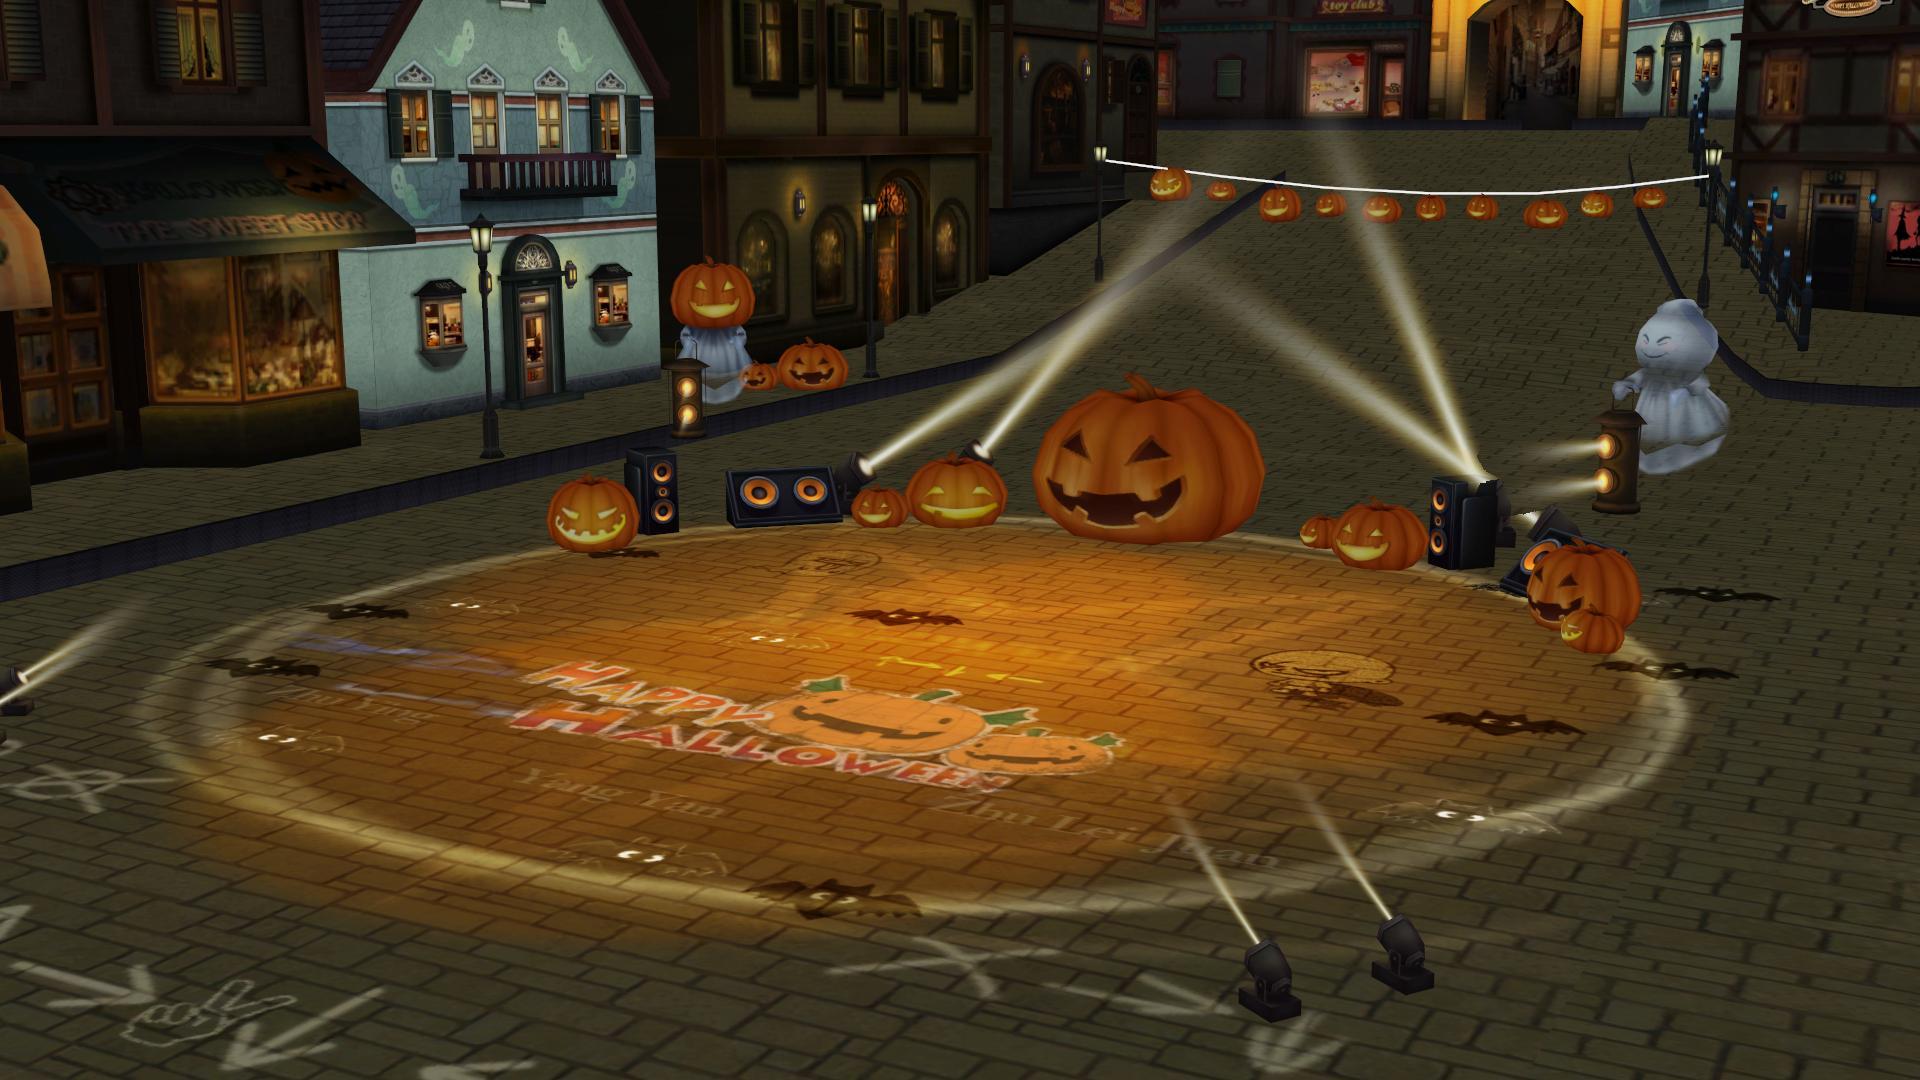 Mmd Halloween Stage Dl 2020 MMD STAGE] Halloween DL by UnluckyCandyFox on DeviantArt